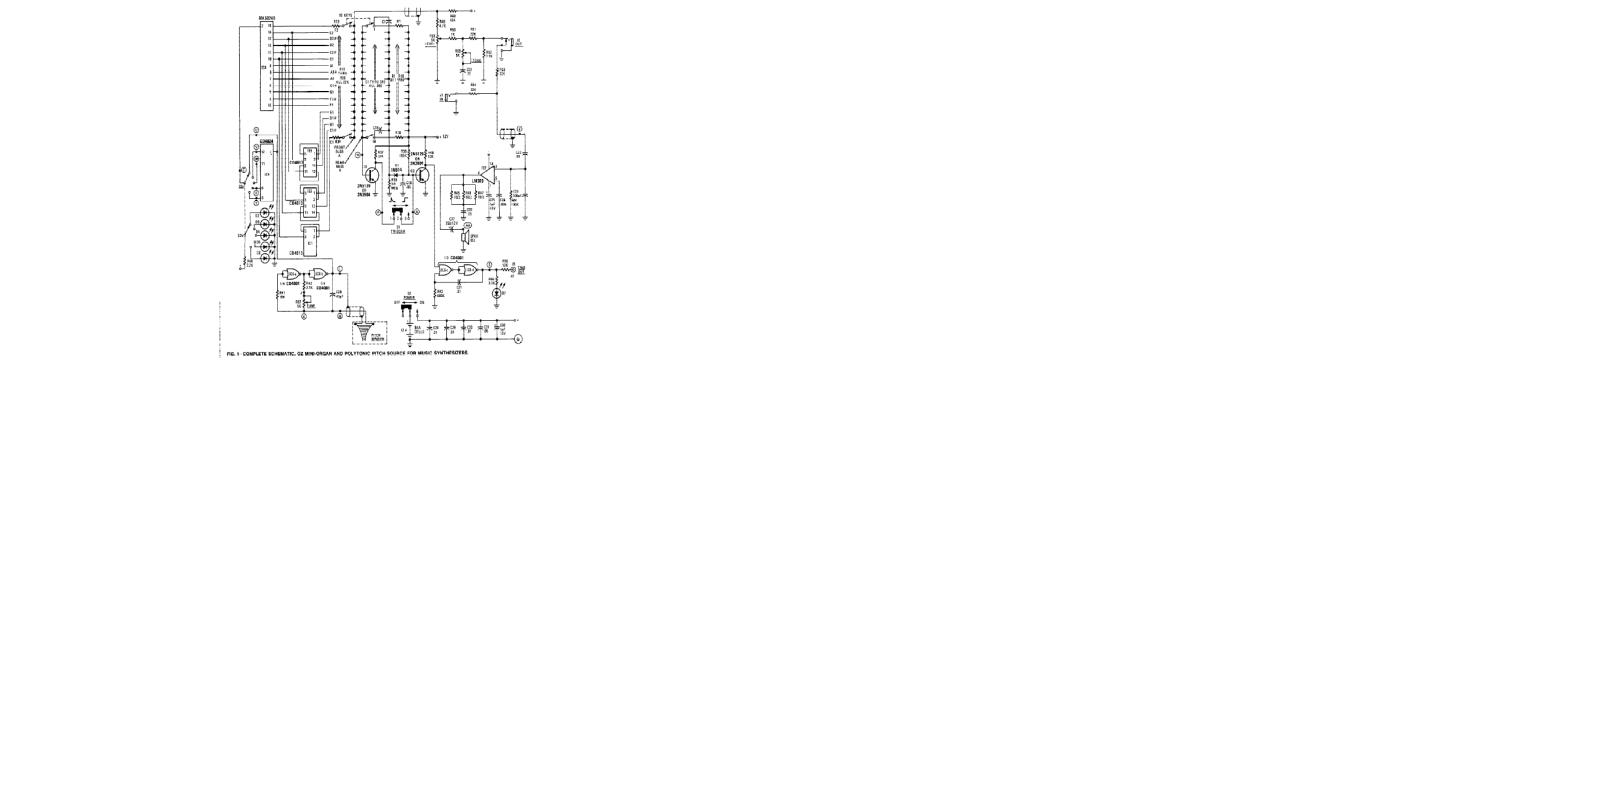 órgao eletronico com M208B1 Wimru0